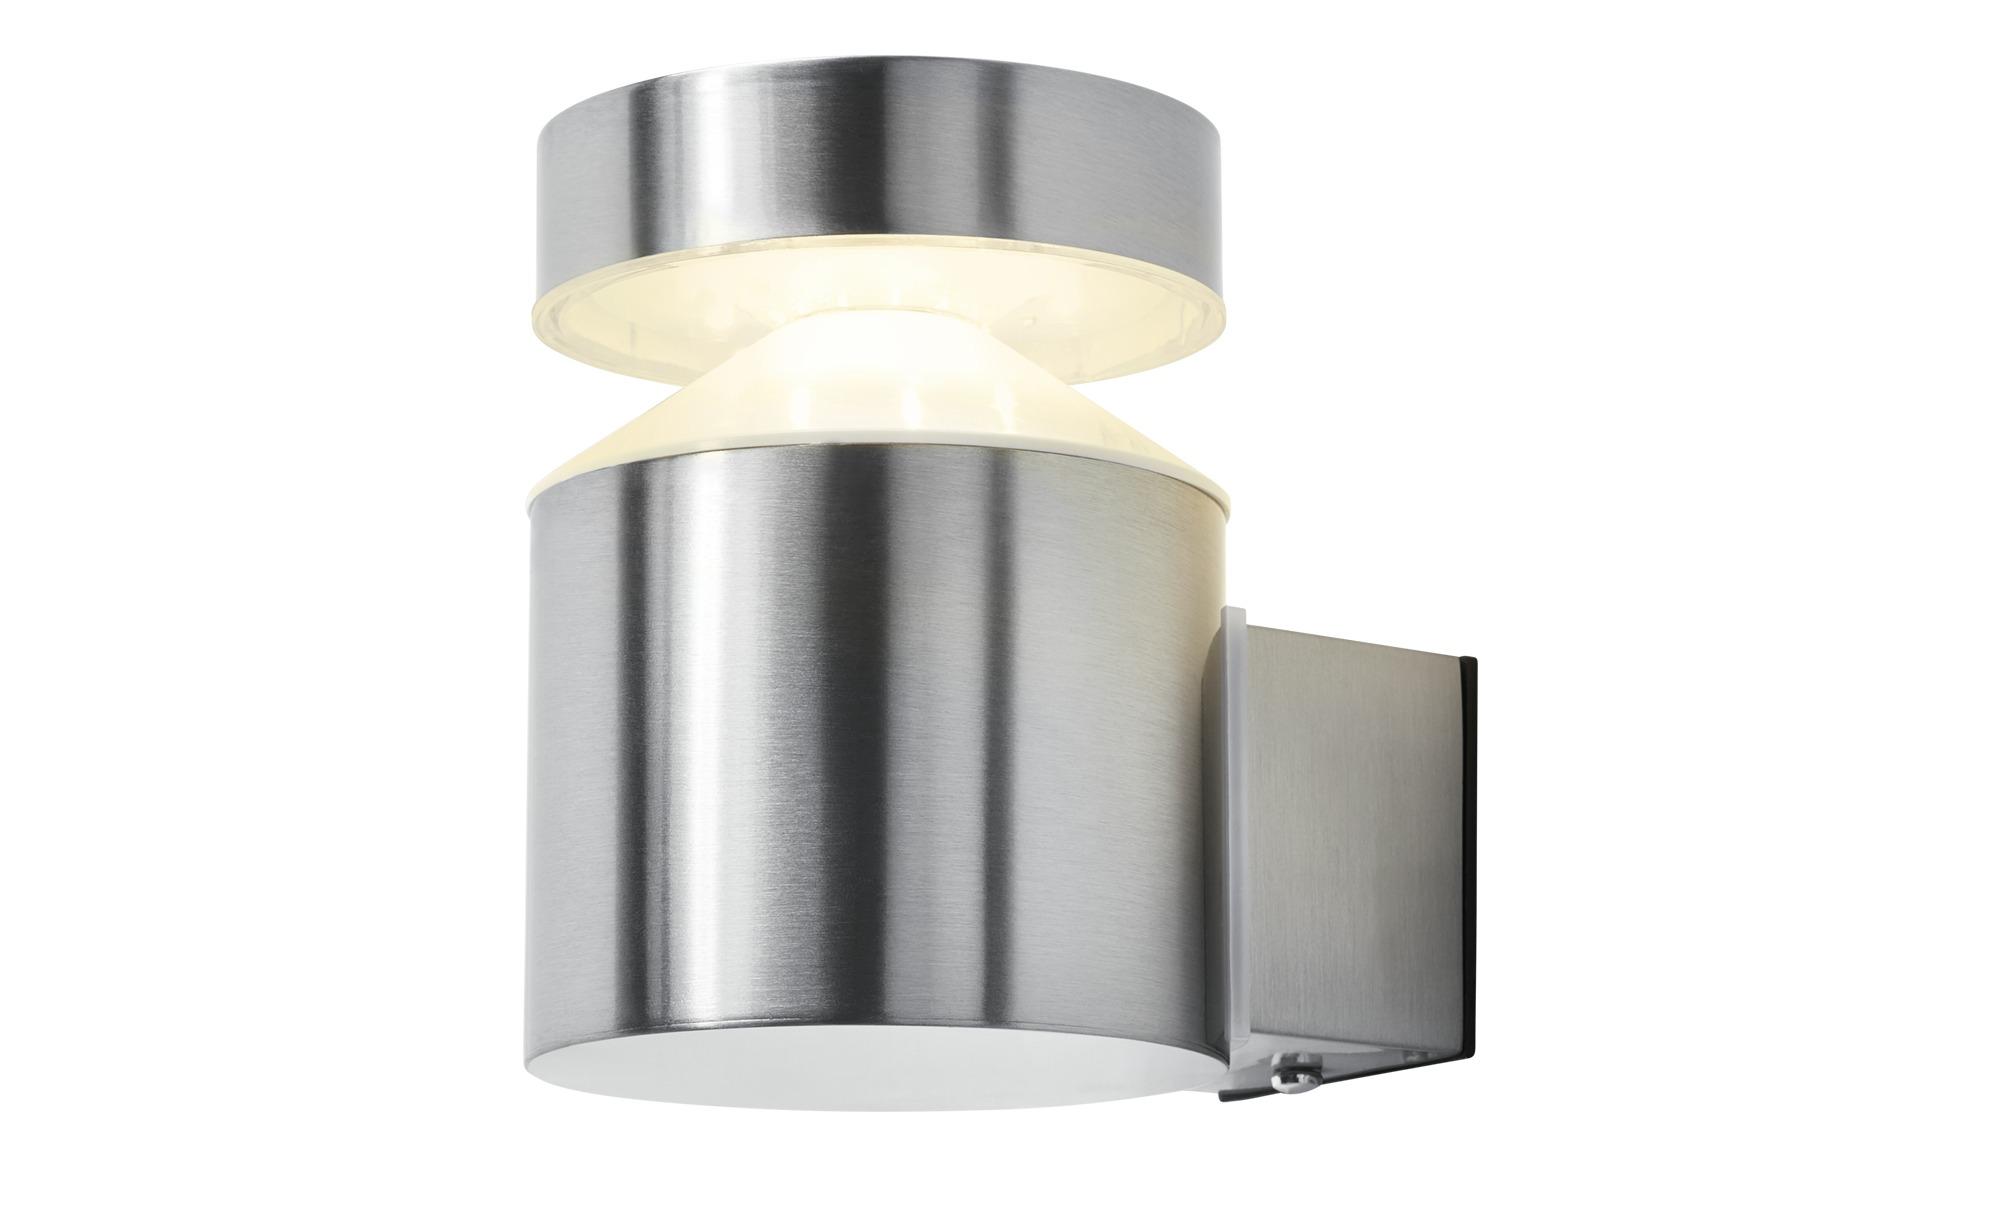 OSRAM LED-Außenwandleuchte, 1-flammig, Edelstahl ¦ silber ¦ Maße (cm): B: 13,5 H: 13,8 T: 10,2 Lampen & Leuchten > Außenleuchten - Höffner